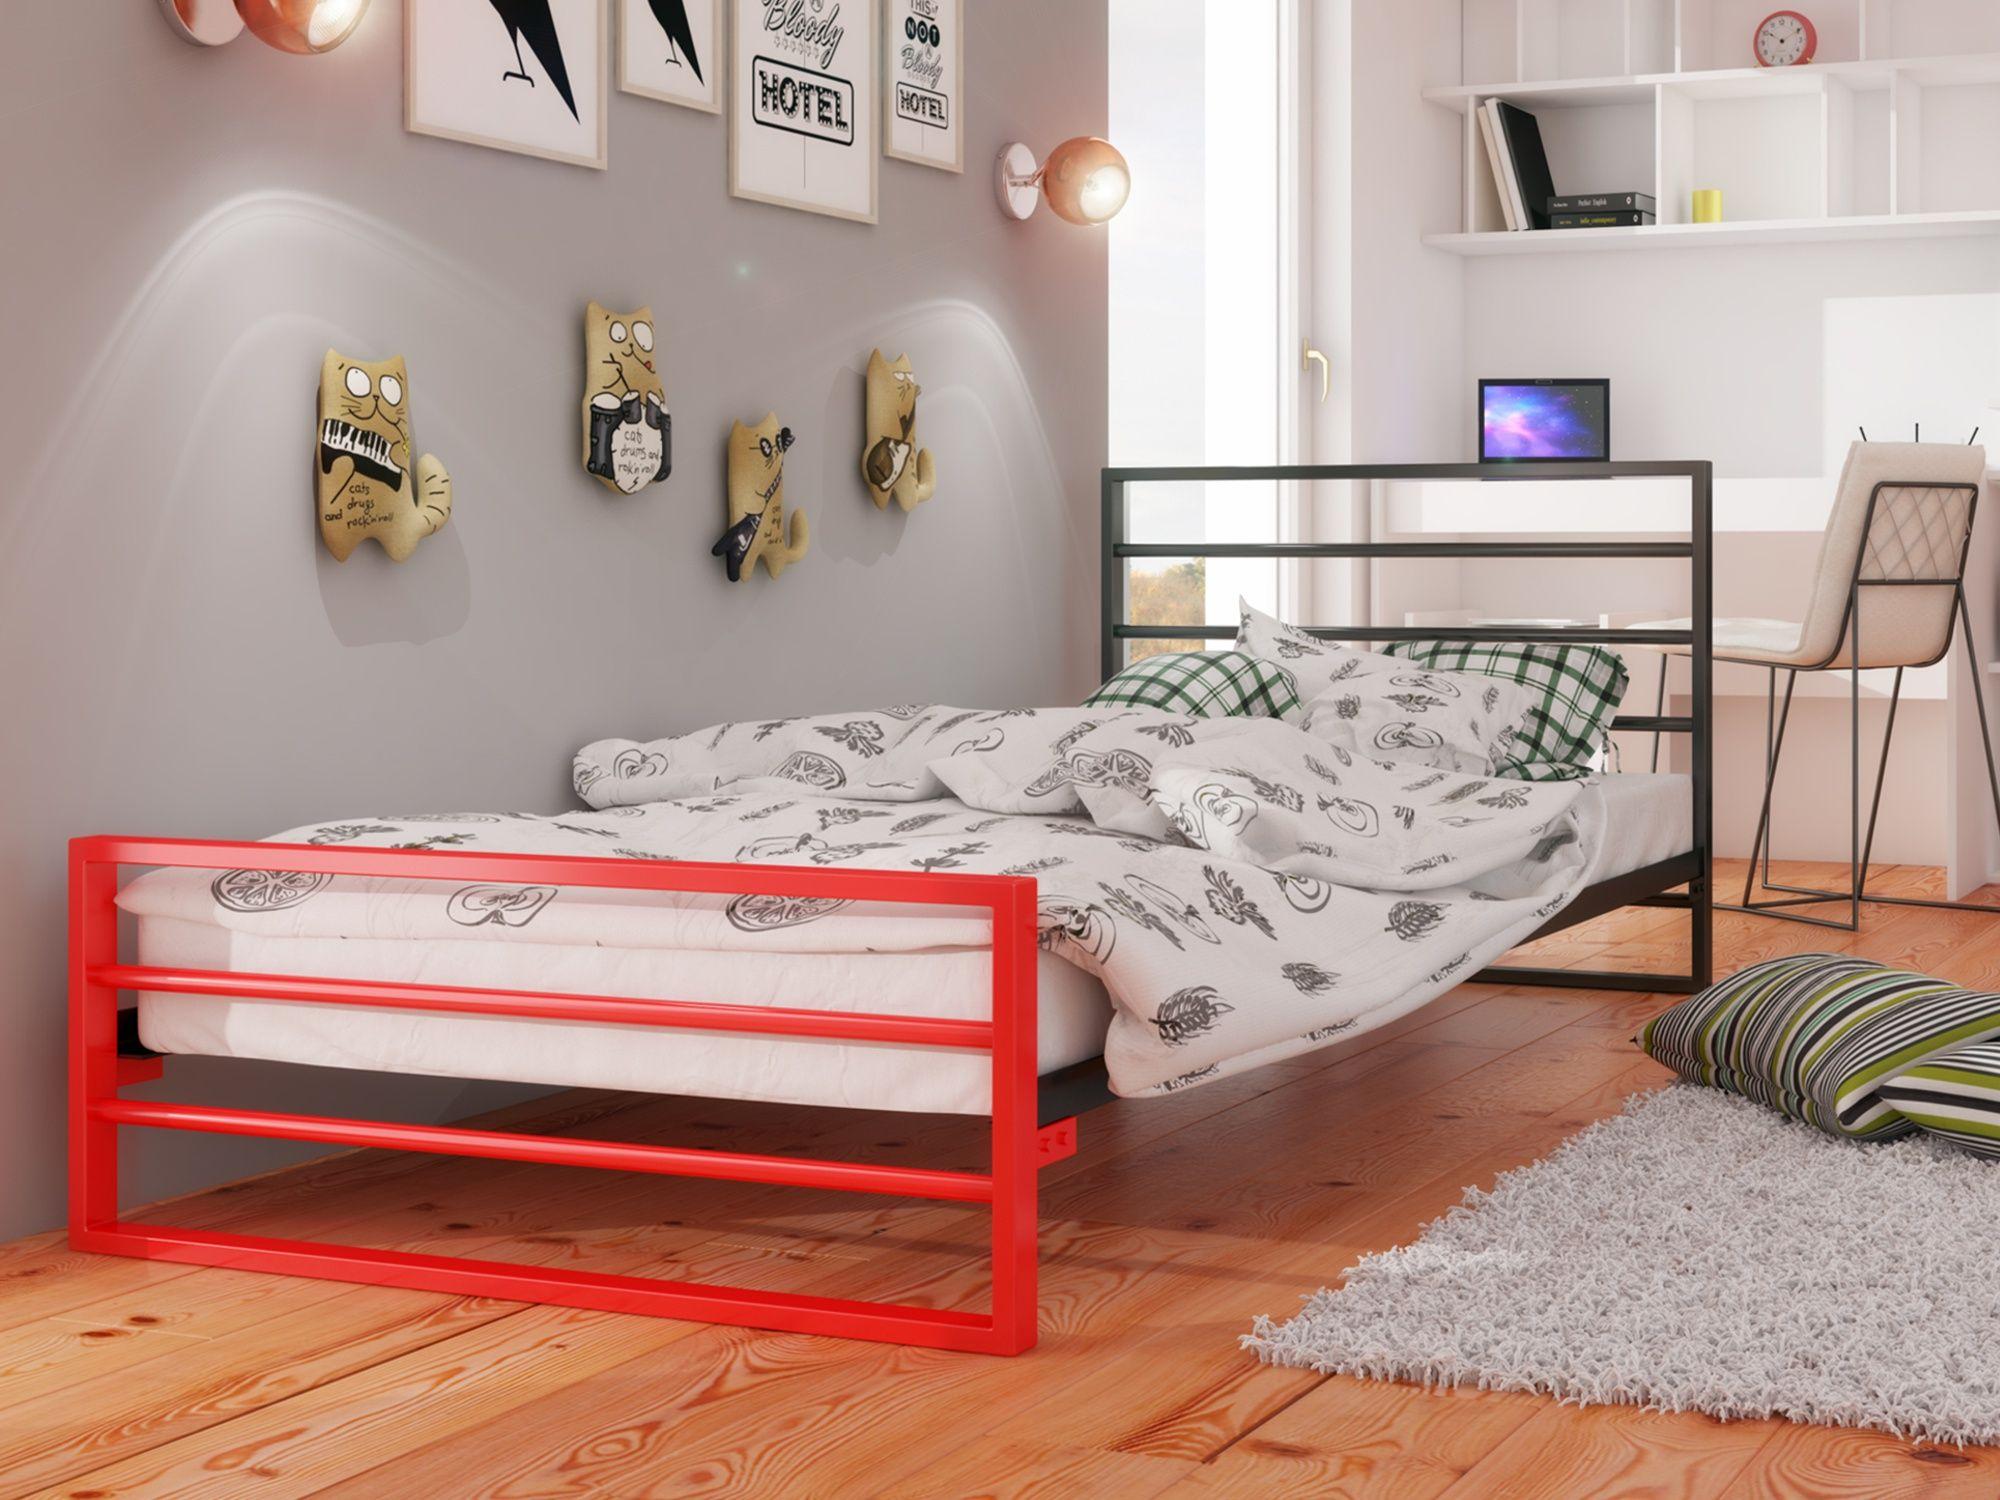 łóżko Metalowe Młodzieżowe 90x200 Wzór 7j Stelaż Meble W